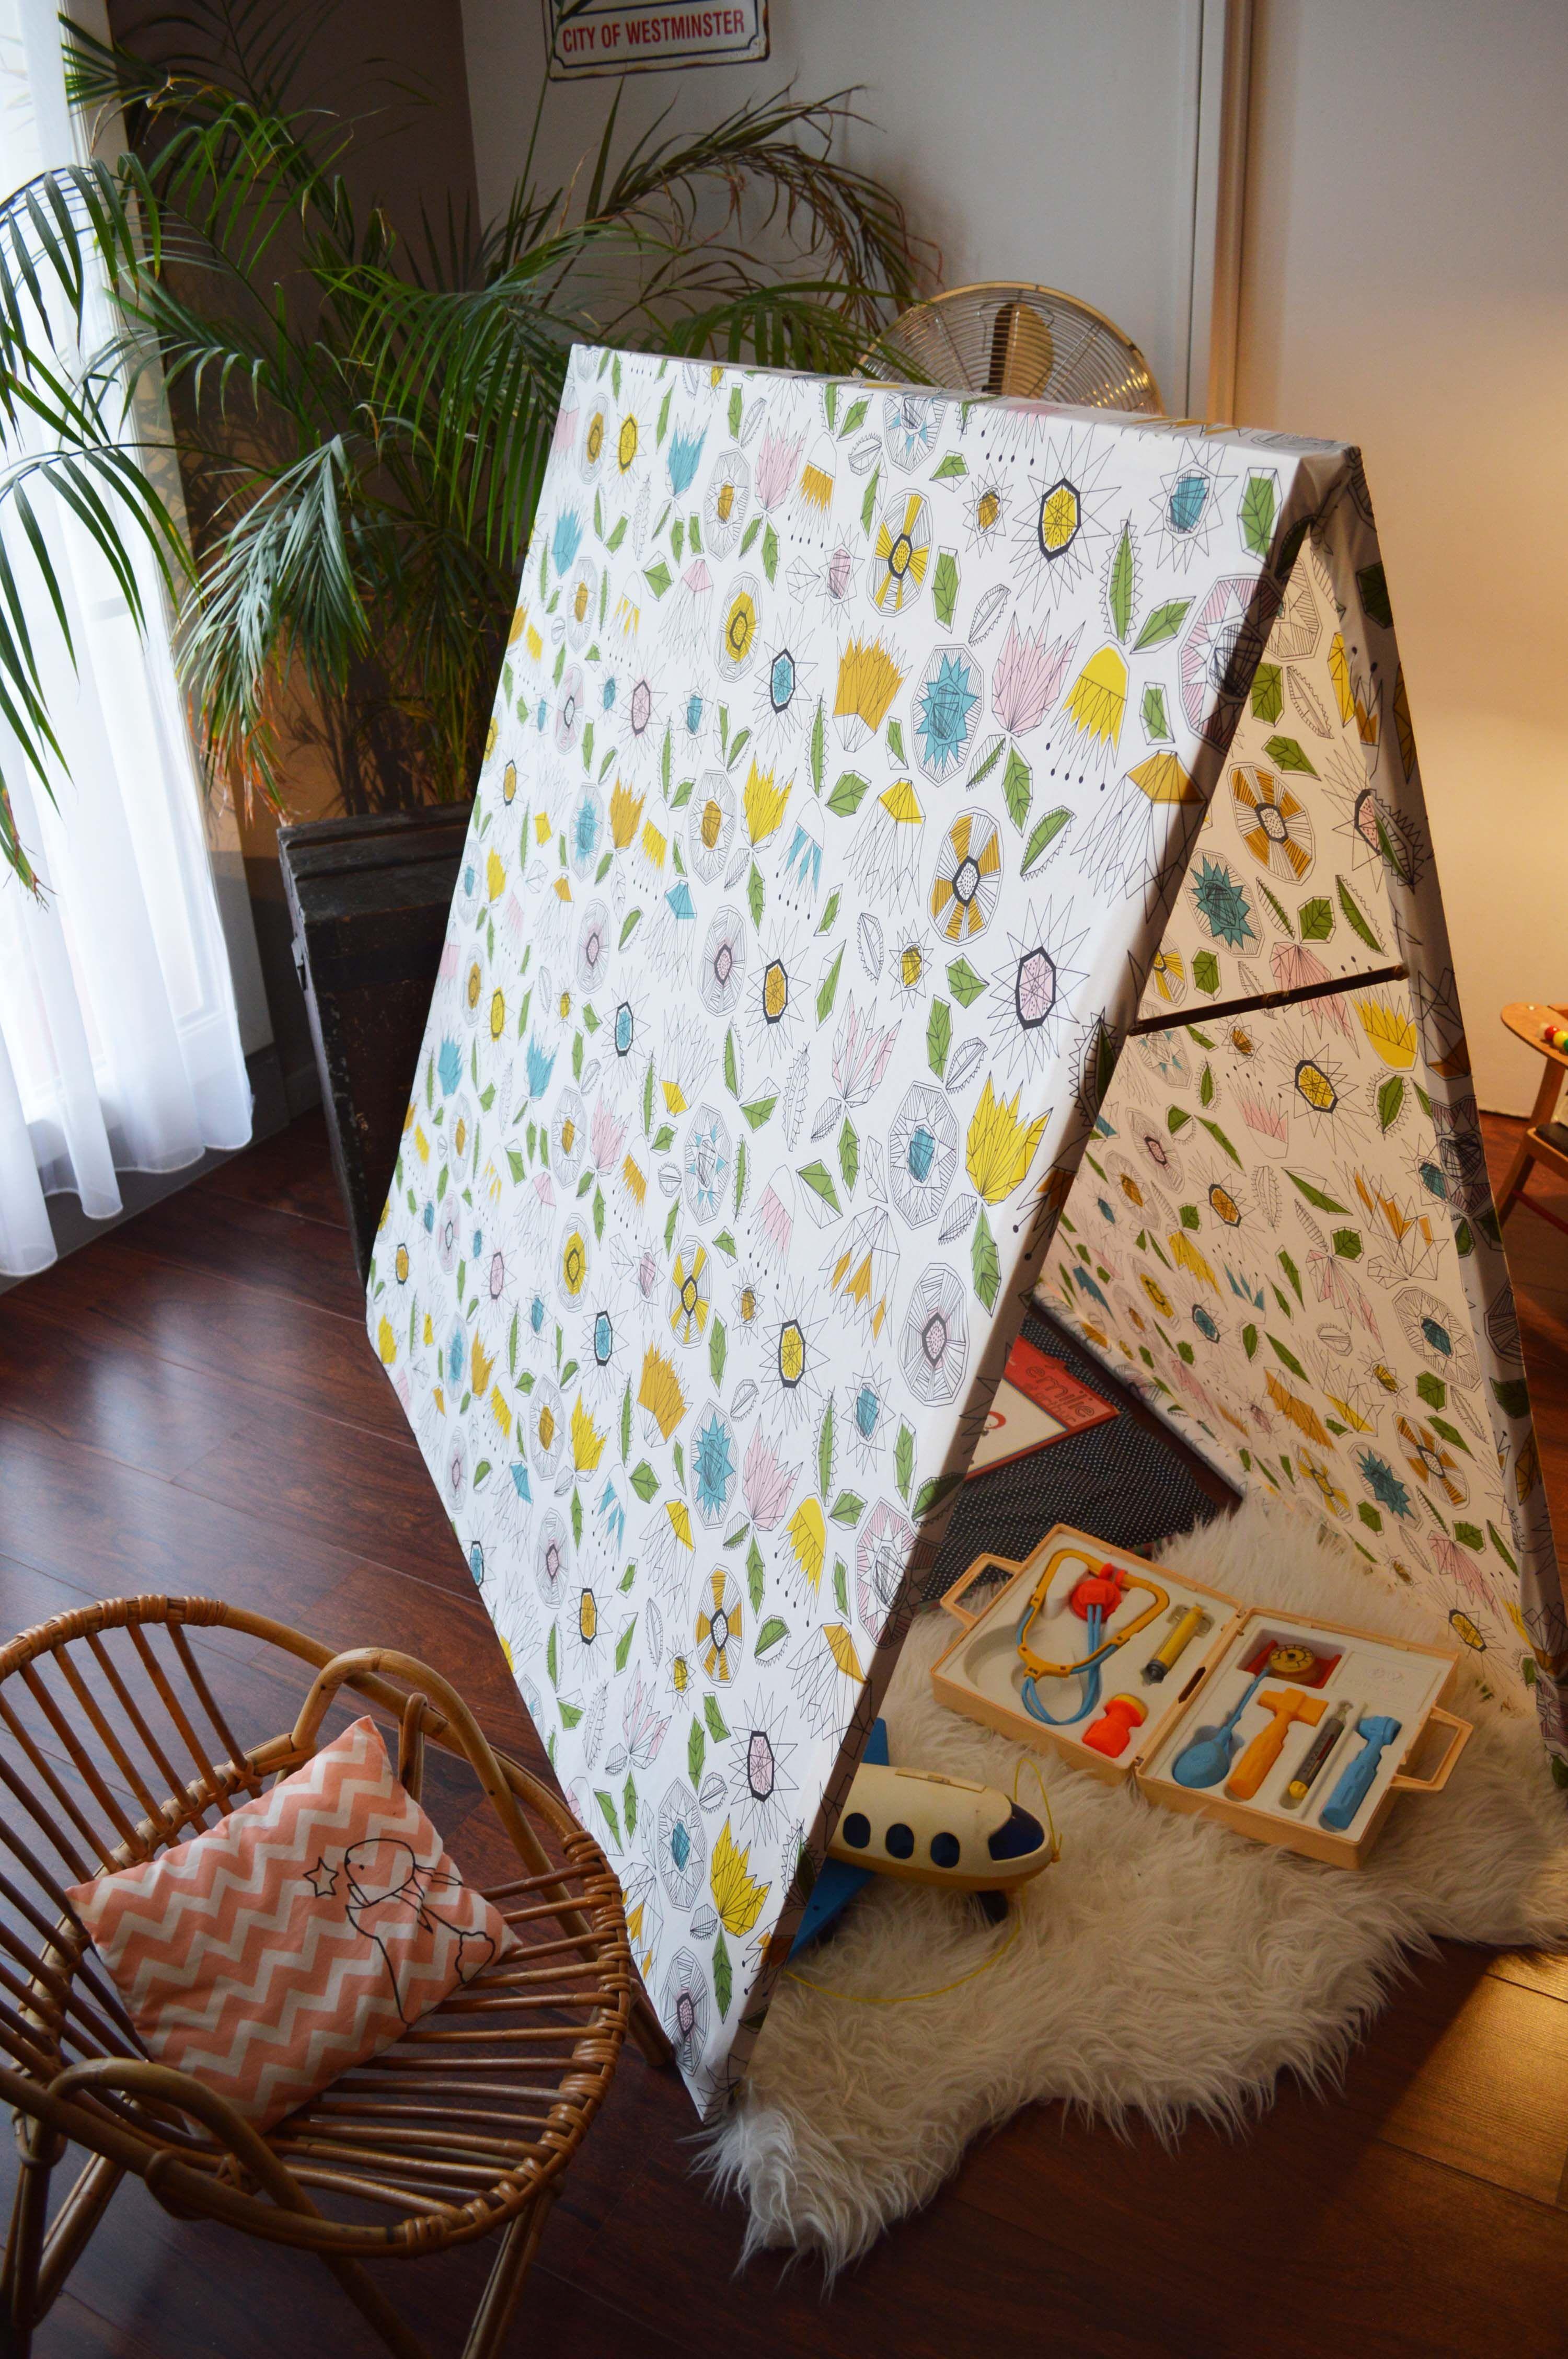 diy cabane en tissu diy tipi cabane bibli cabane enfant et bricolage. Black Bedroom Furniture Sets. Home Design Ideas